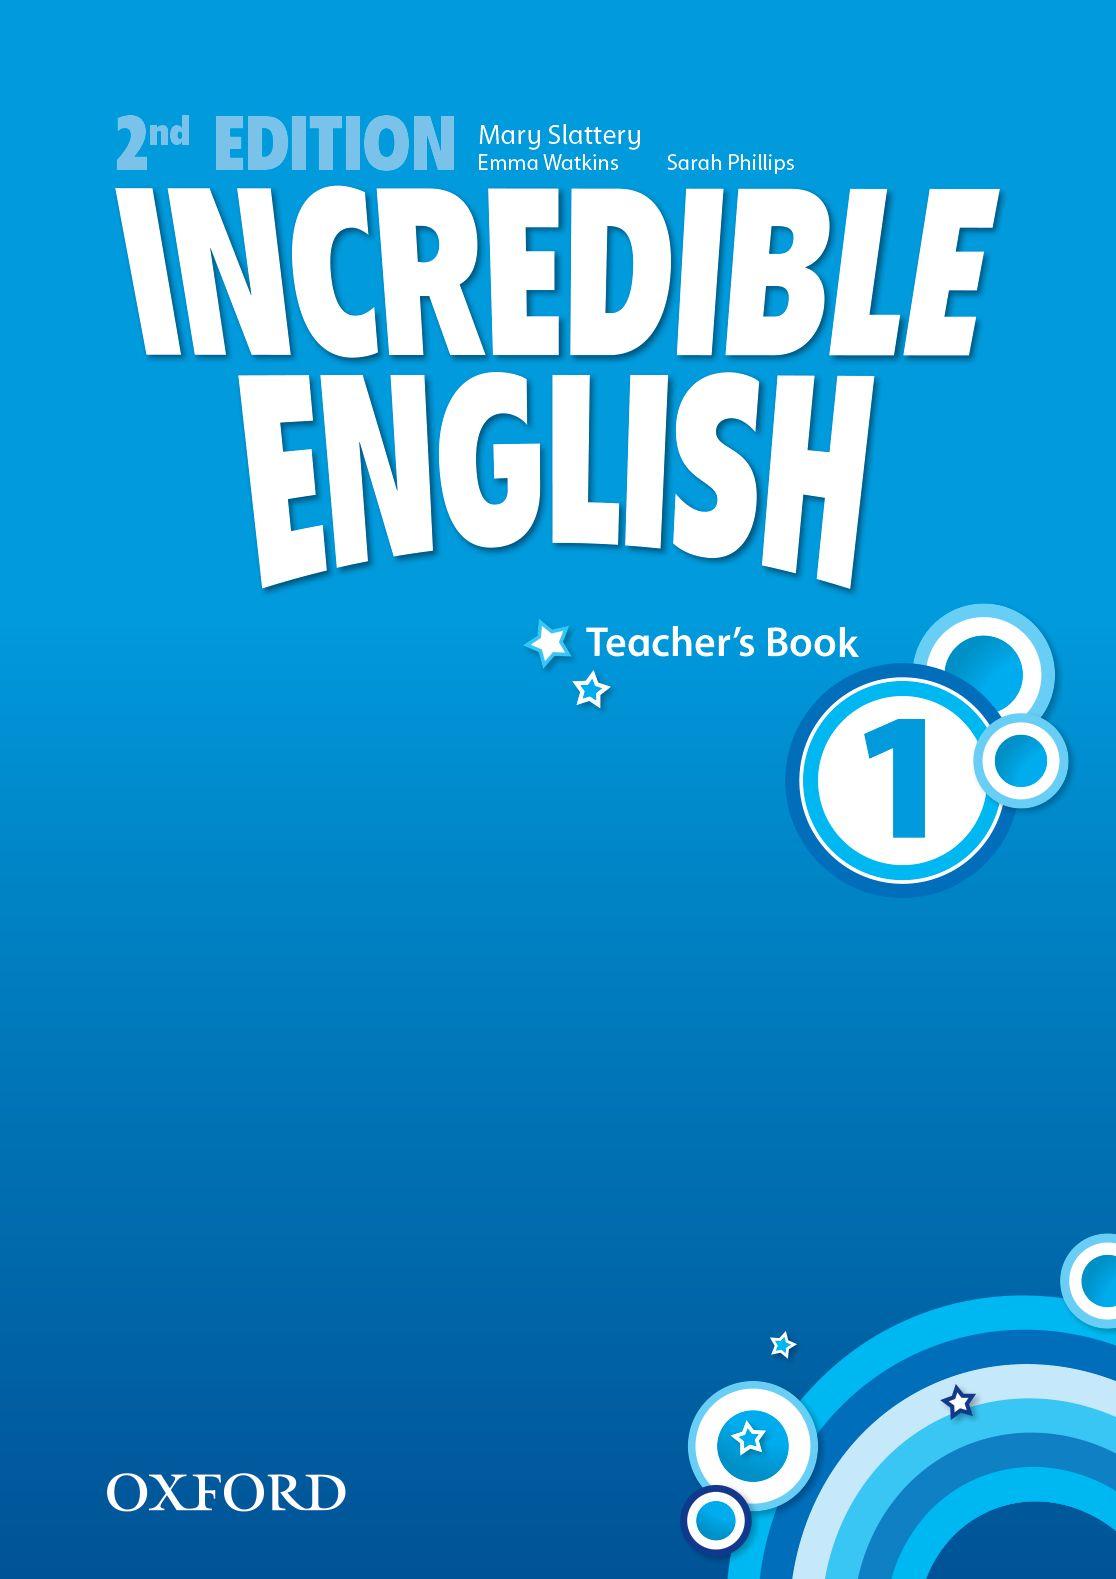 INCREDIBLE ENGLISHLISH 2E 1 TB incredible englishlish 2e 6 ab